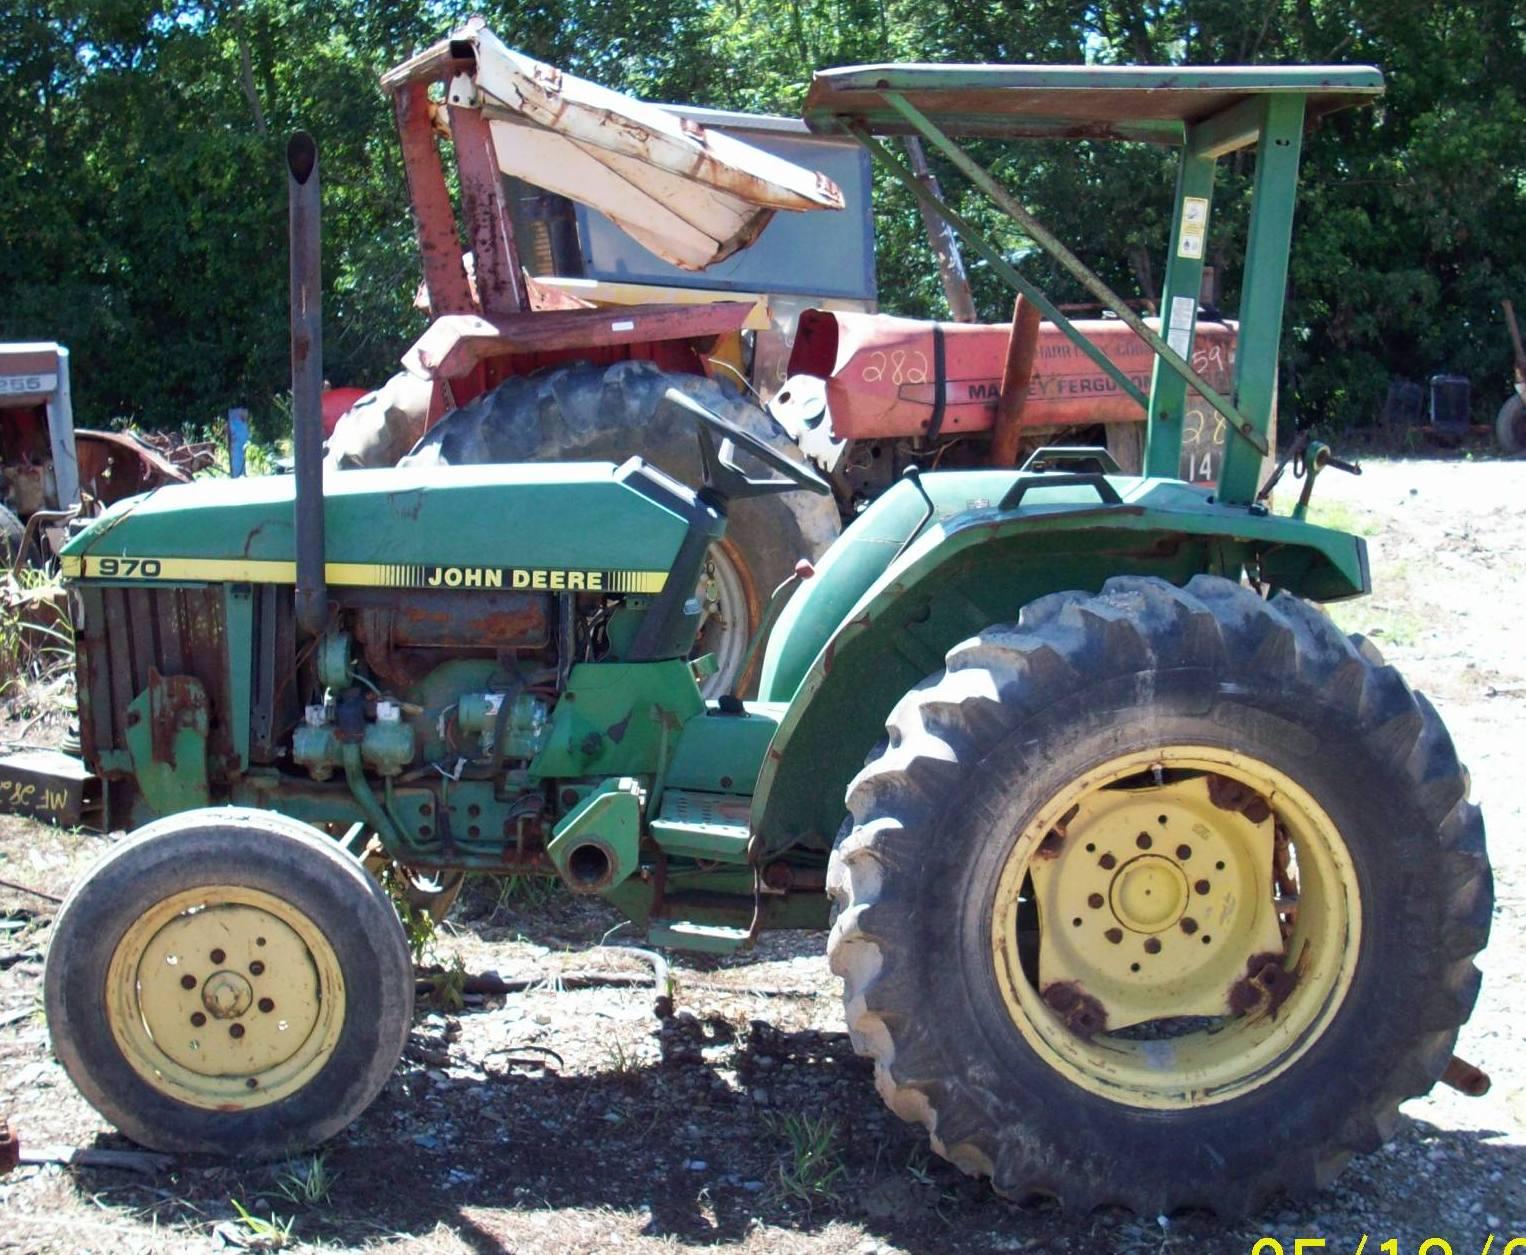 John Deere 970 Tractor